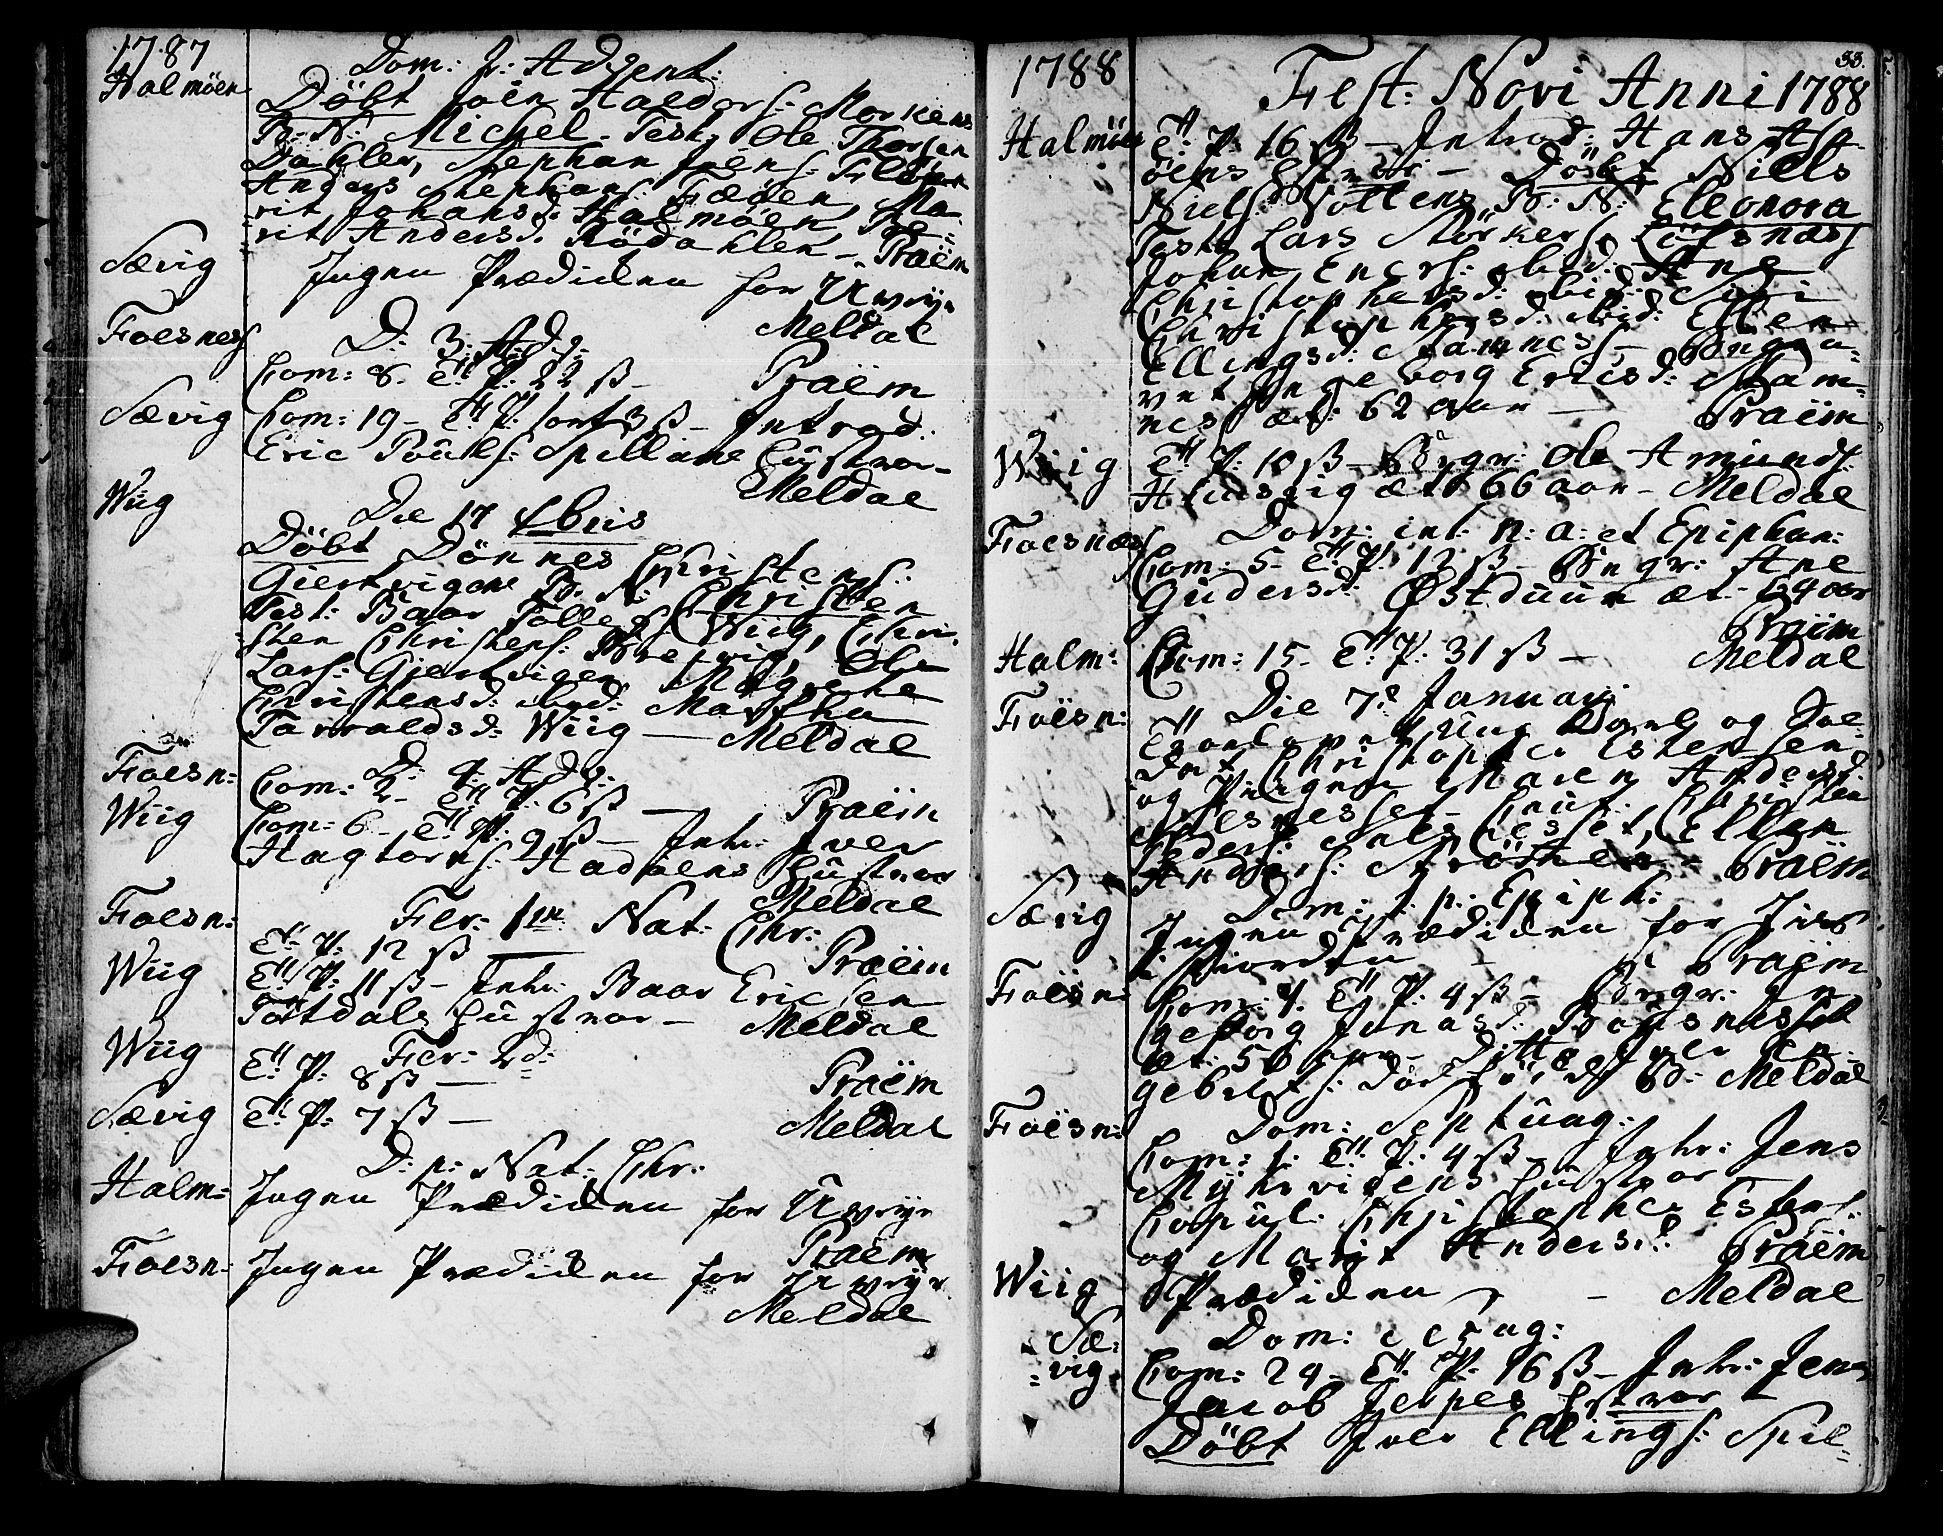 SAT, Ministerialprotokoller, klokkerbøker og fødselsregistre - Nord-Trøndelag, 773/L0608: Ministerialbok nr. 773A02, 1784-1816, s. 33